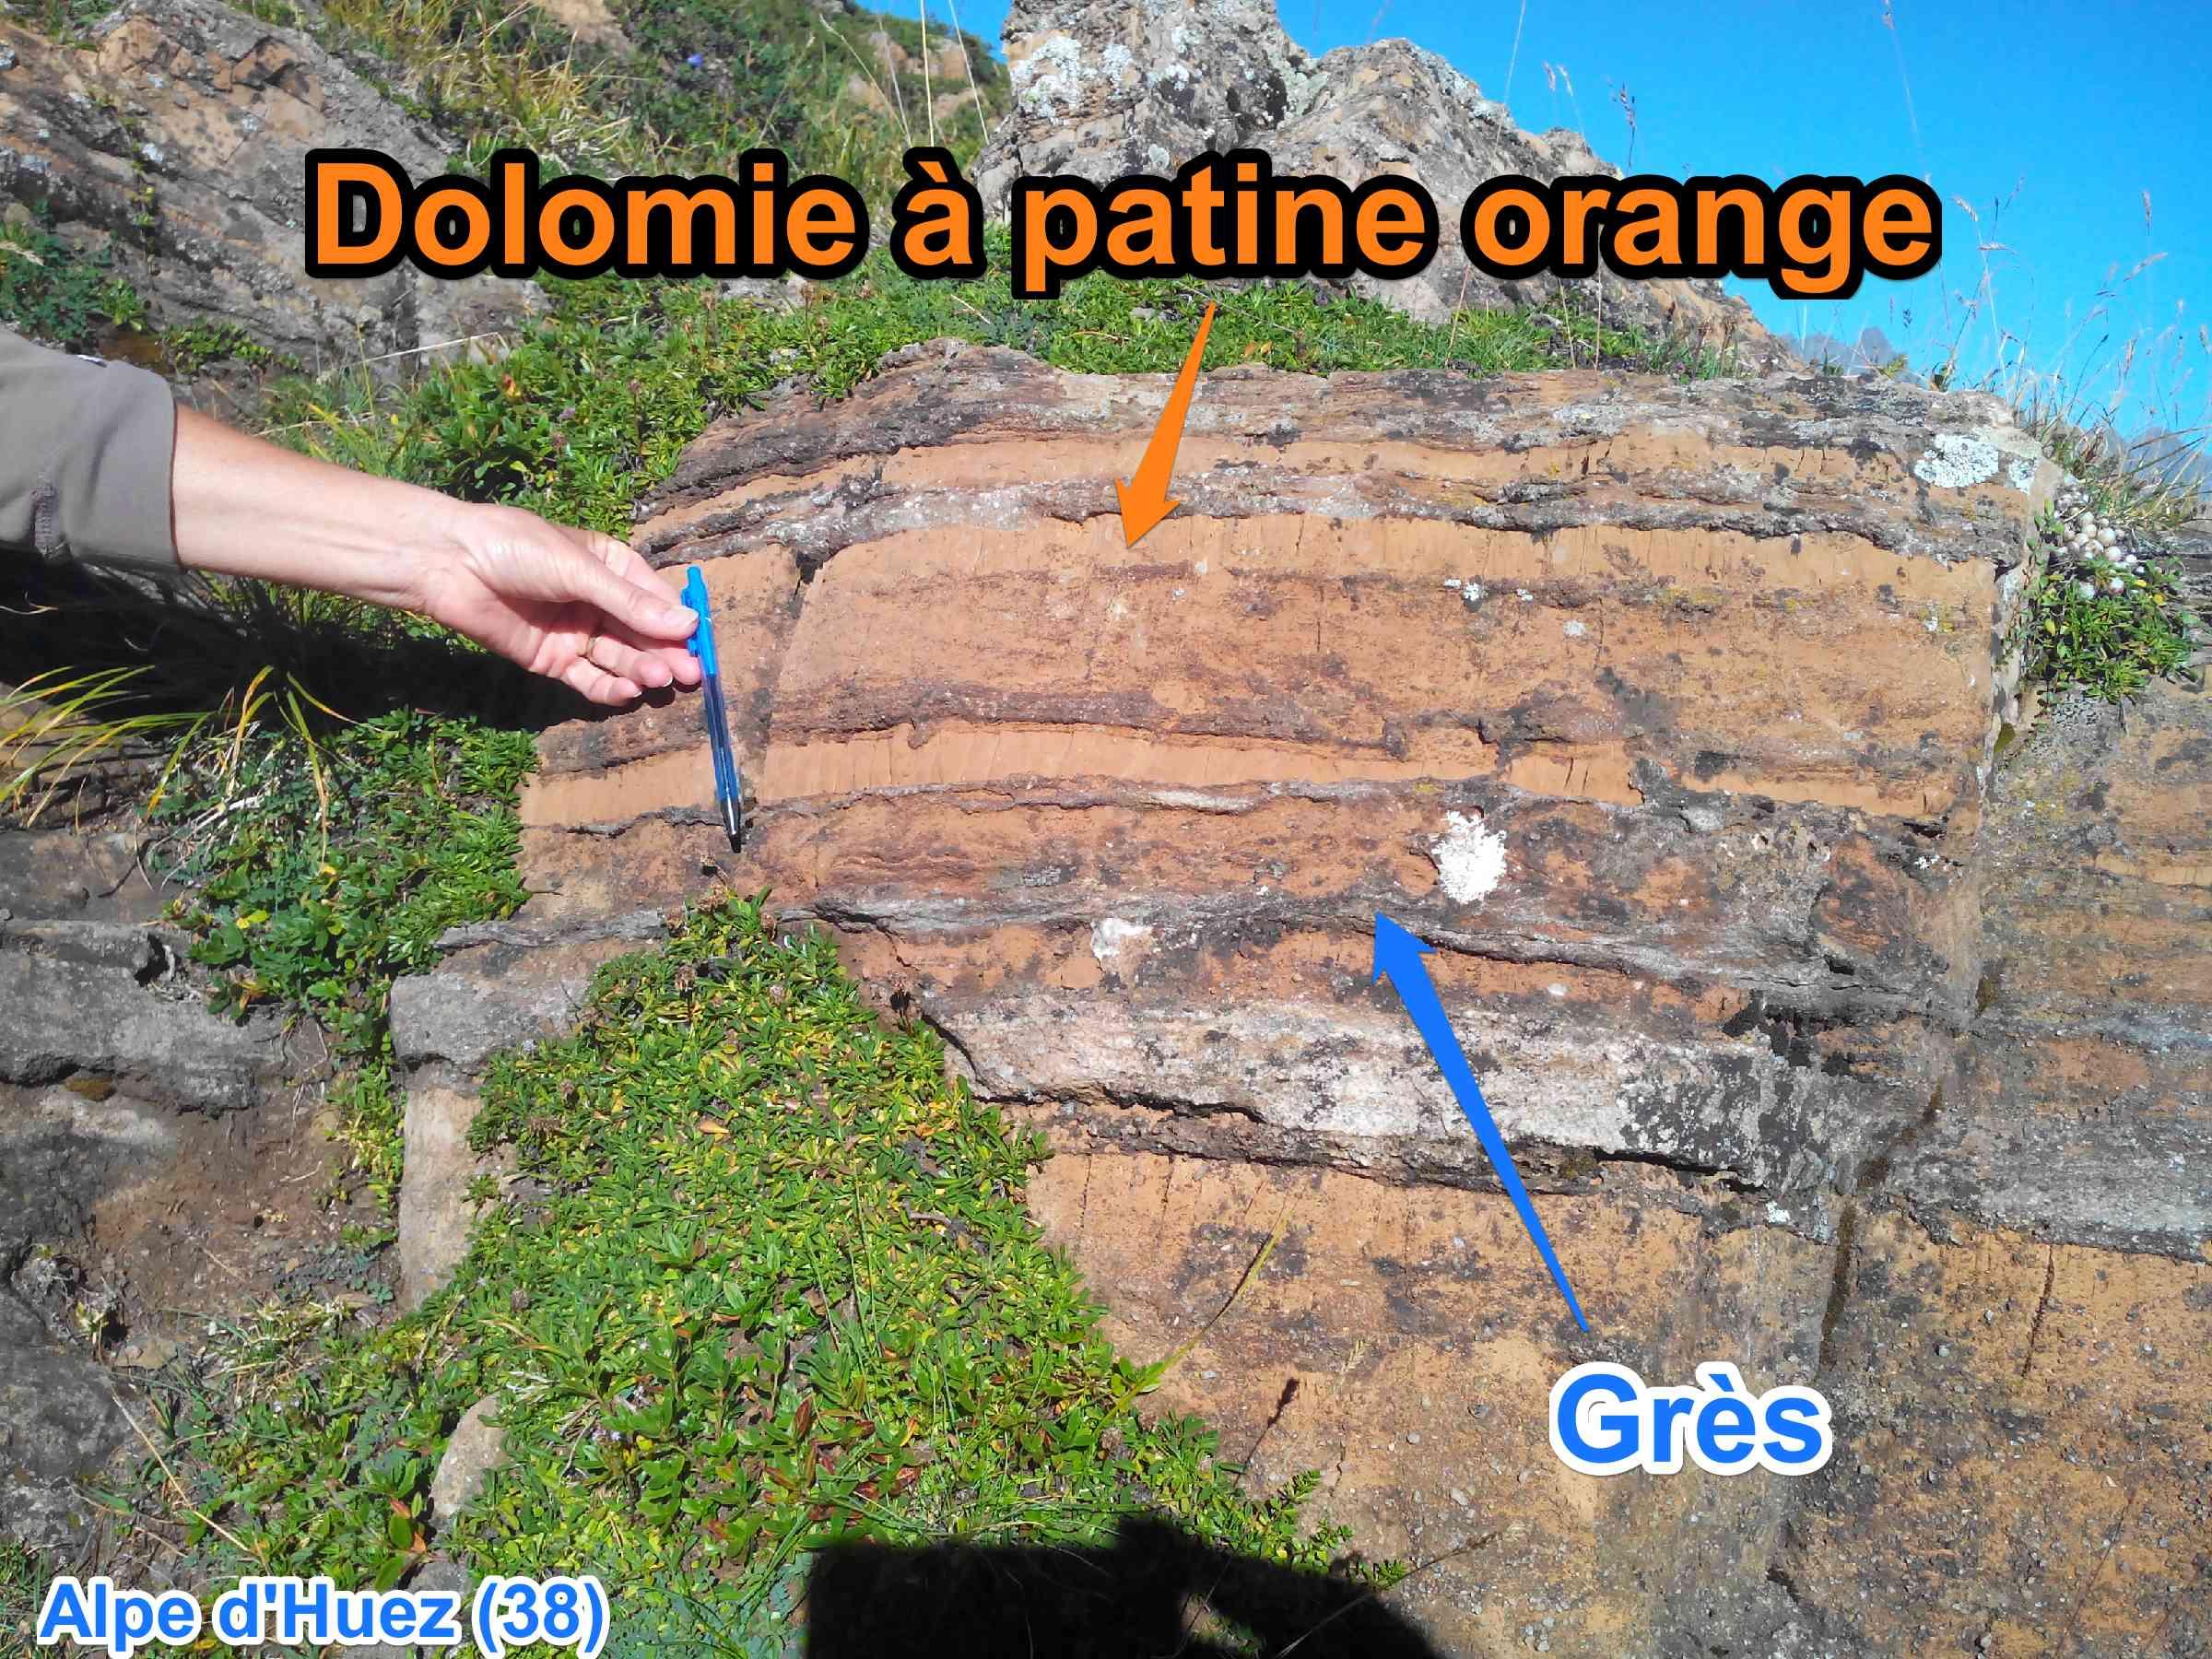 dolomie à patine orange grès Alpe dHuez